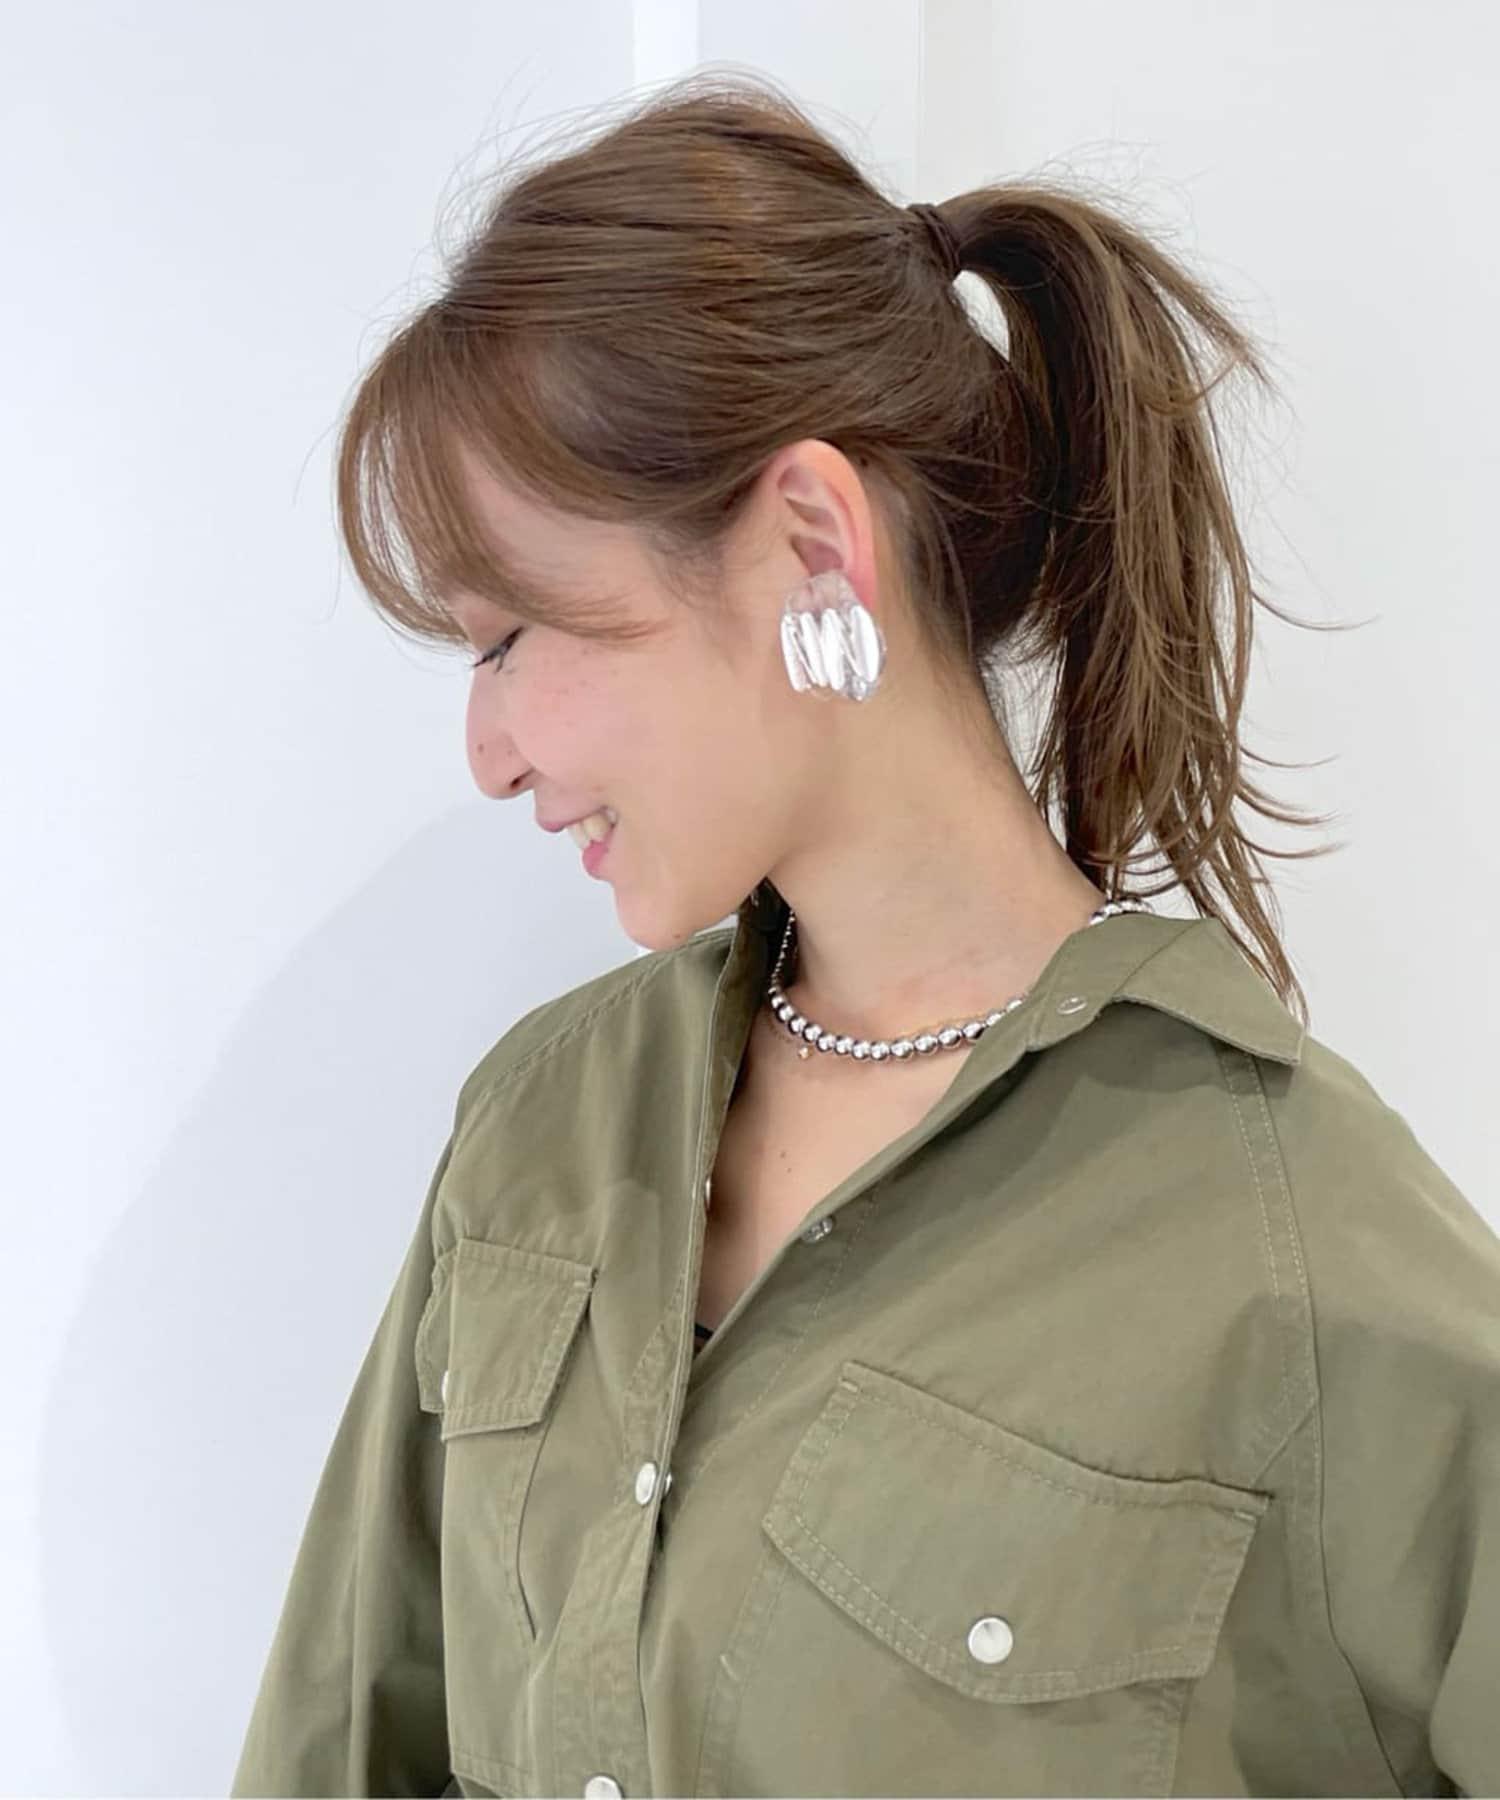 La boutique BonBon(ラブティックボンボン) 【洗練されたデザイン・HUI(ヒュイ)】ジグザグオーバルイヤリング